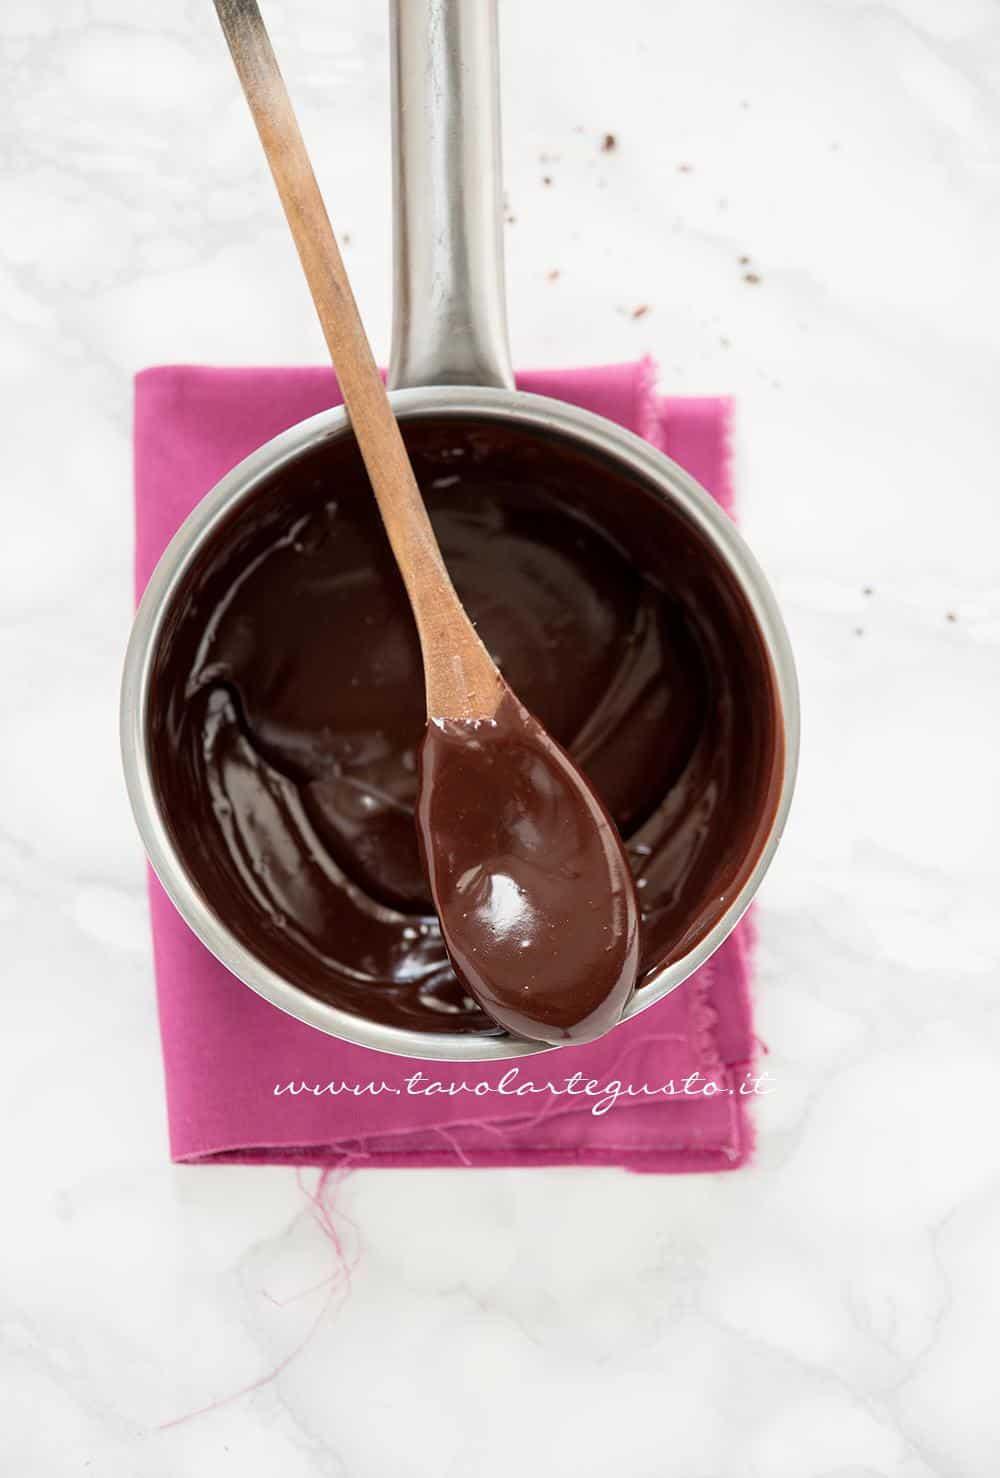 Il cioccolato appena sciolto - Ricetta Tartufi al cioccolato